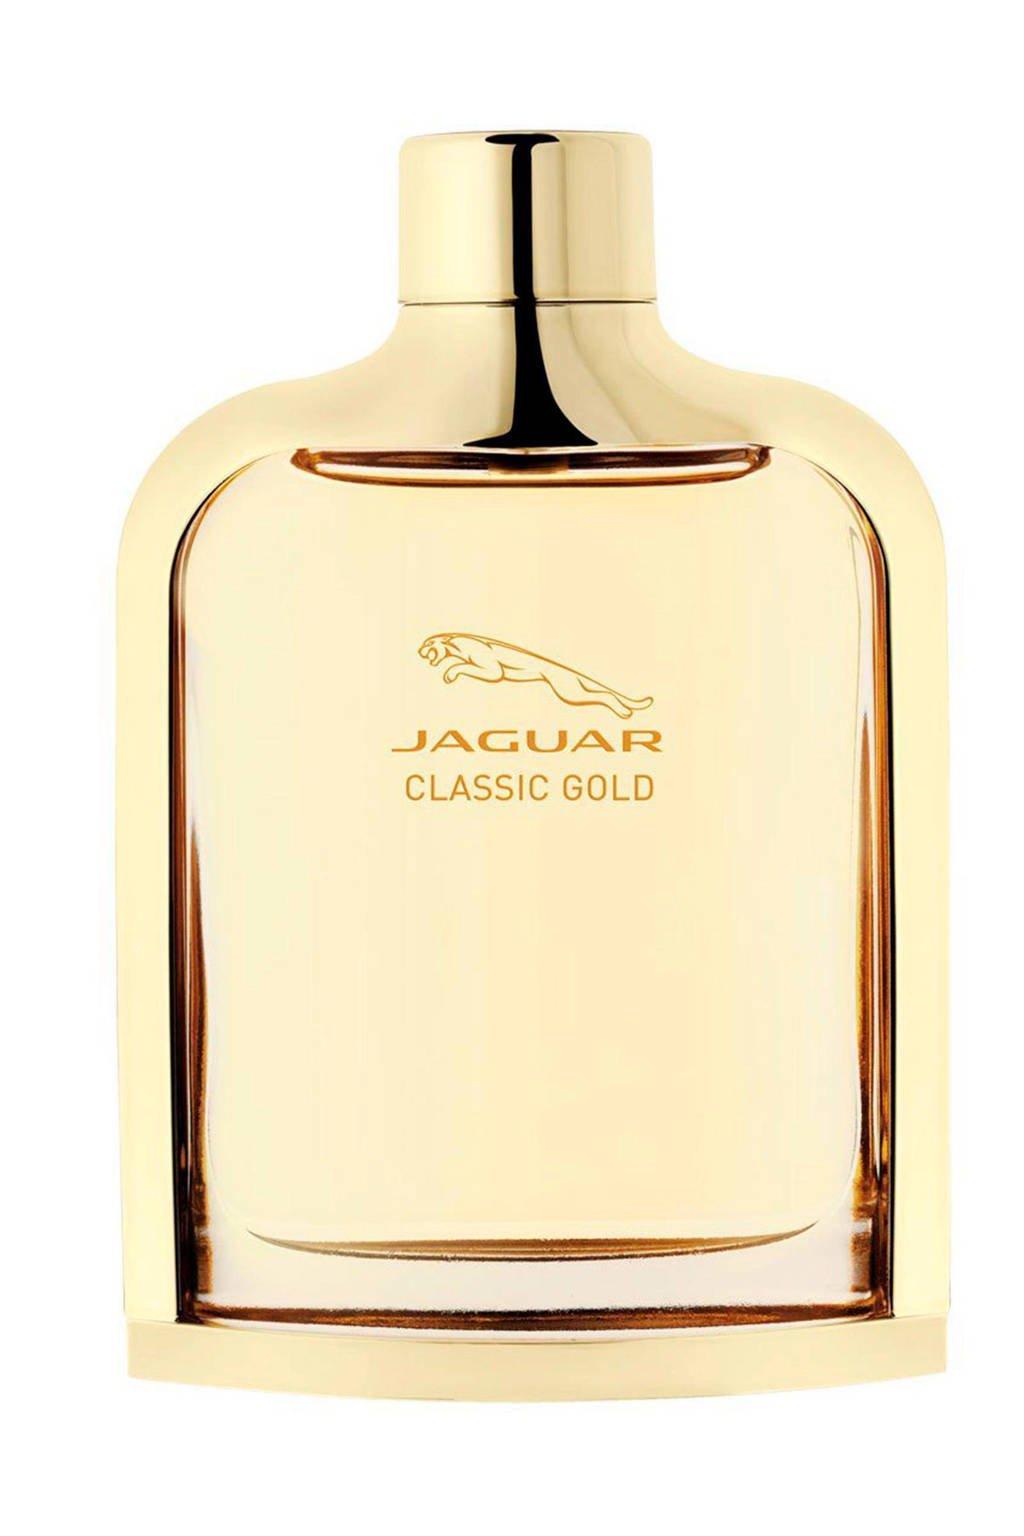 Jaguar Gold eau de toilette - 100 ml